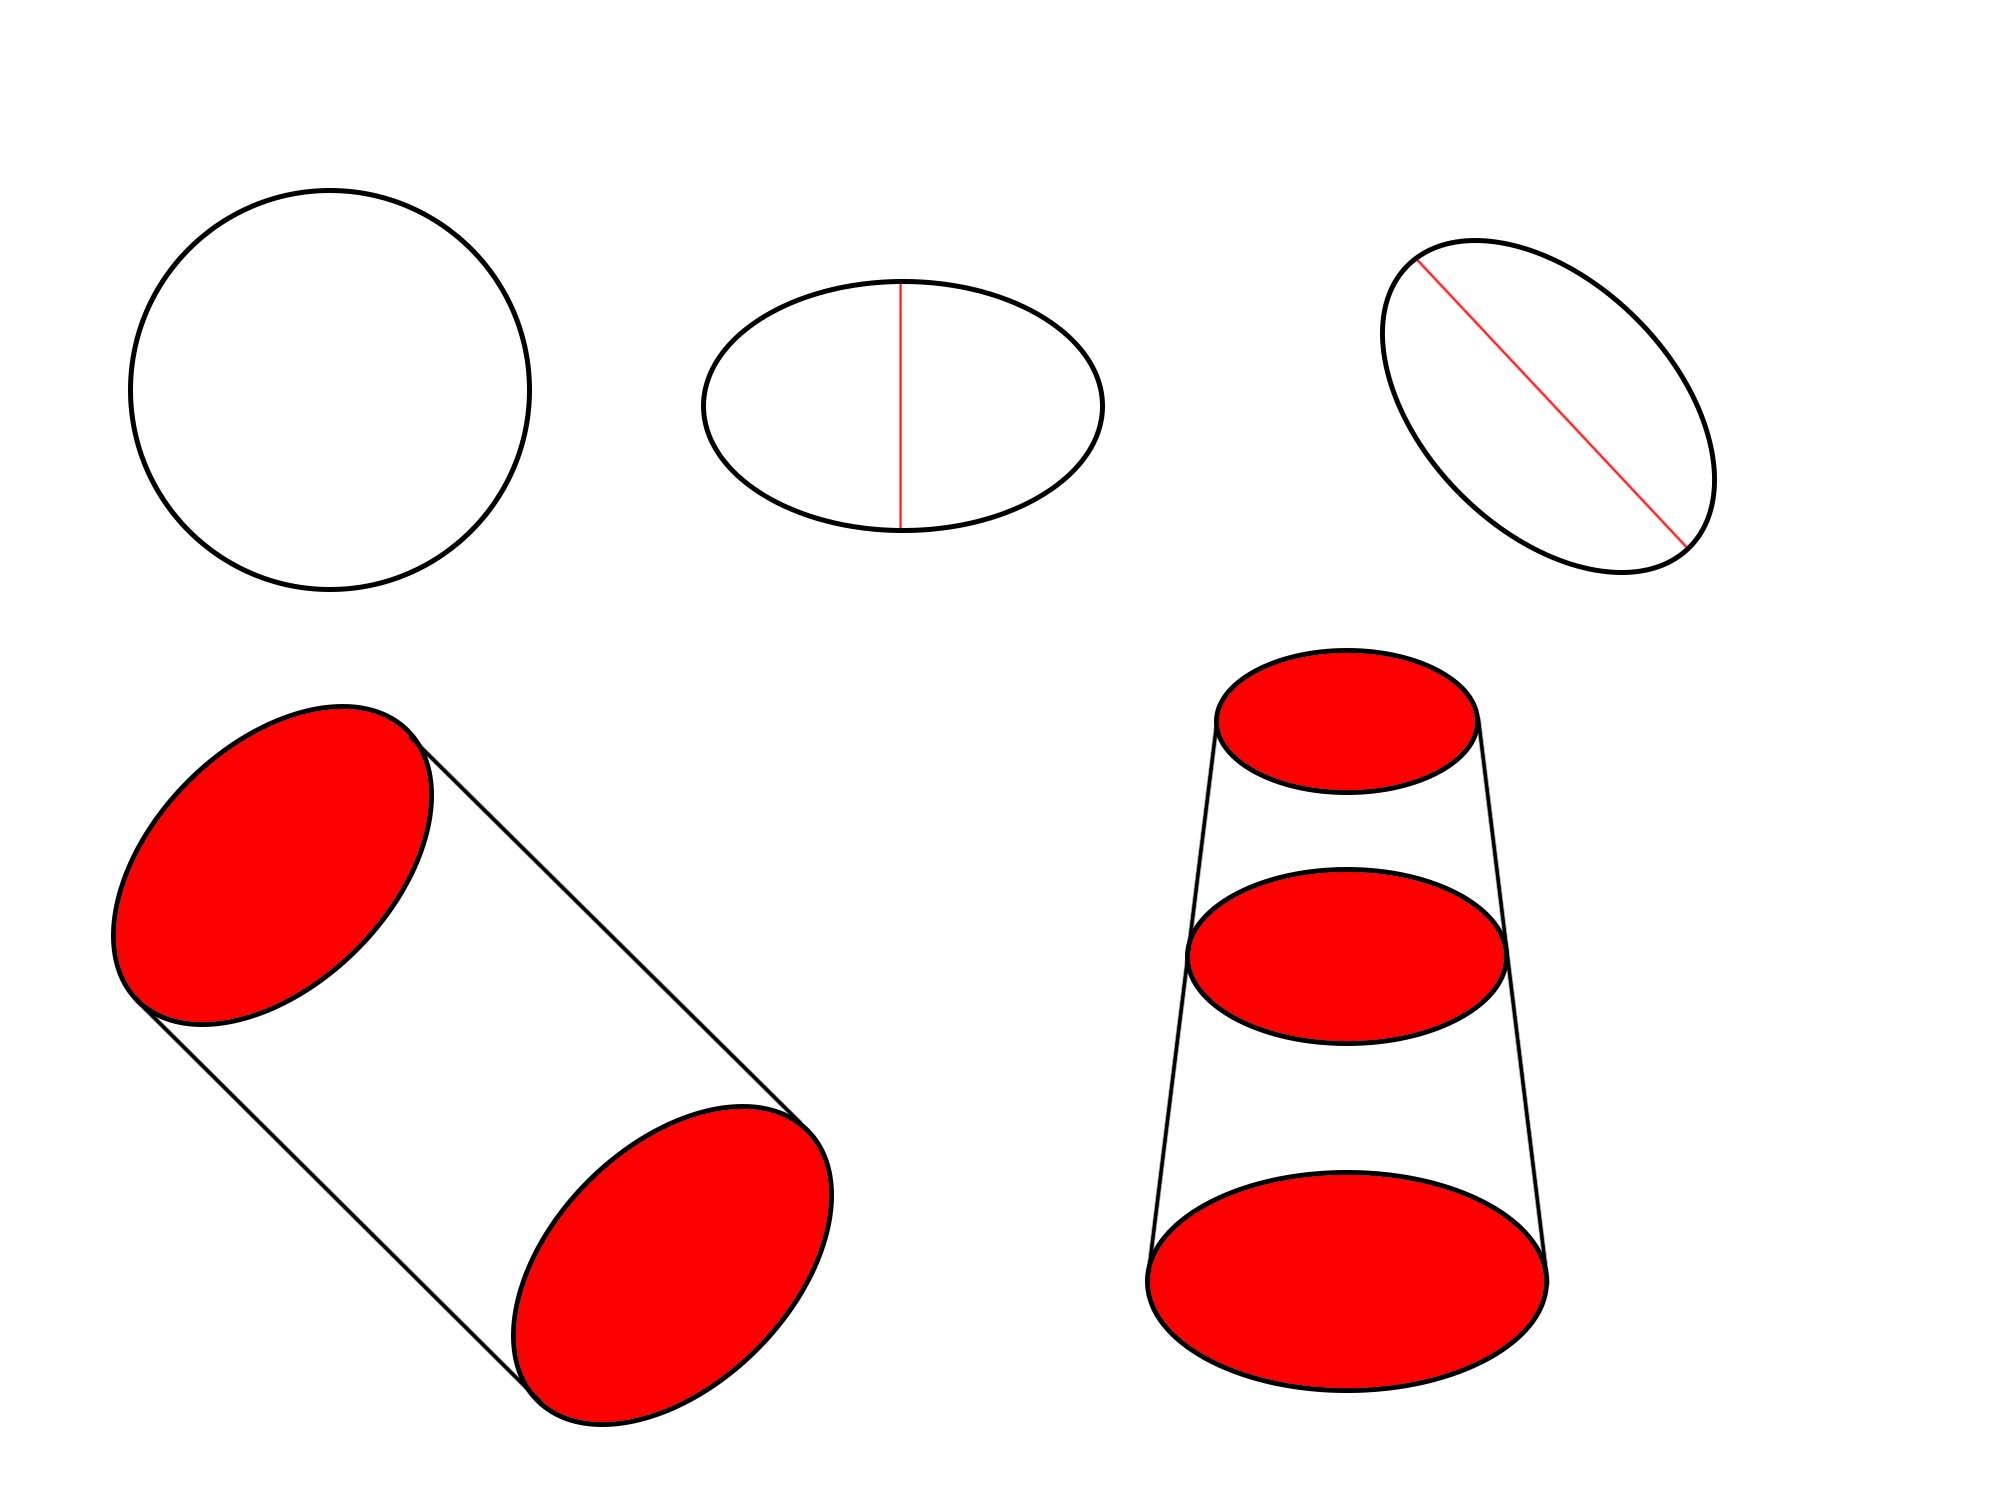 円は様々な形状の基準